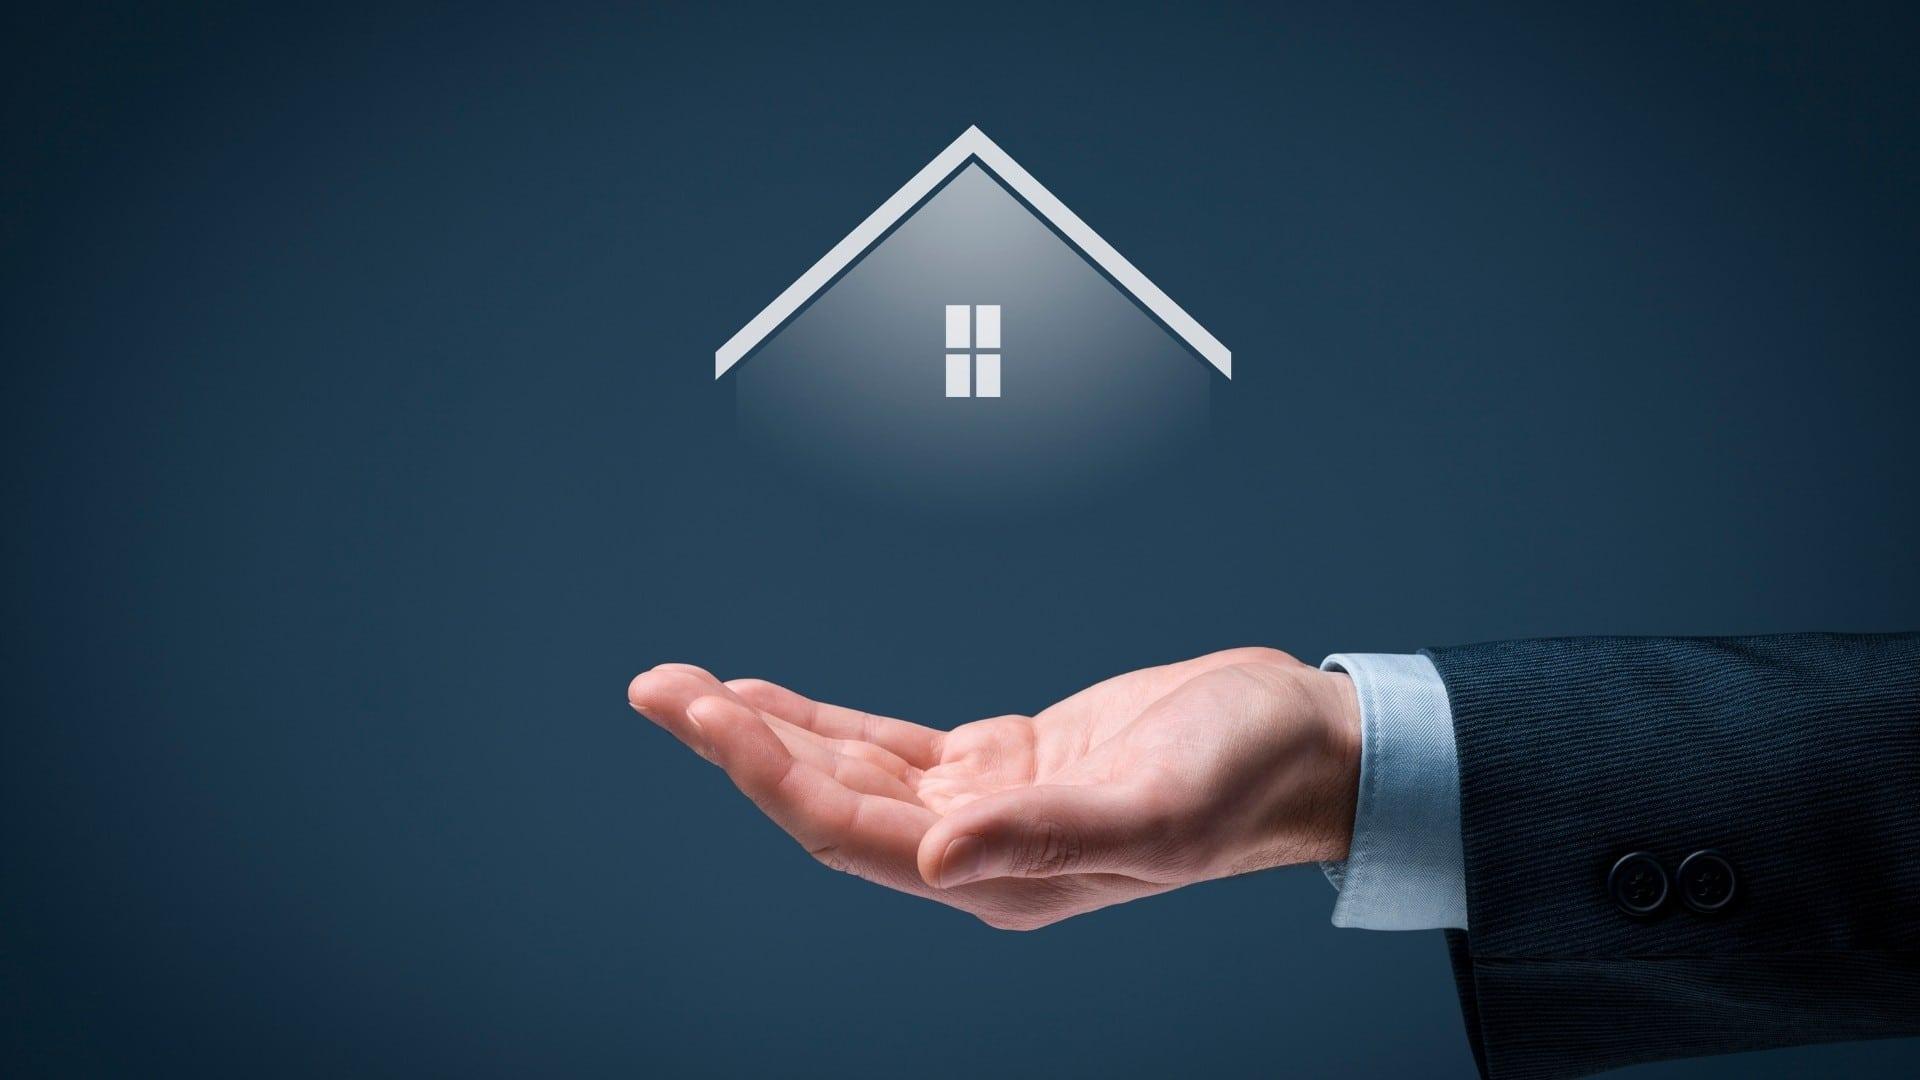 Immobilien von Maklern meist günstiger als von Privatverkäufern